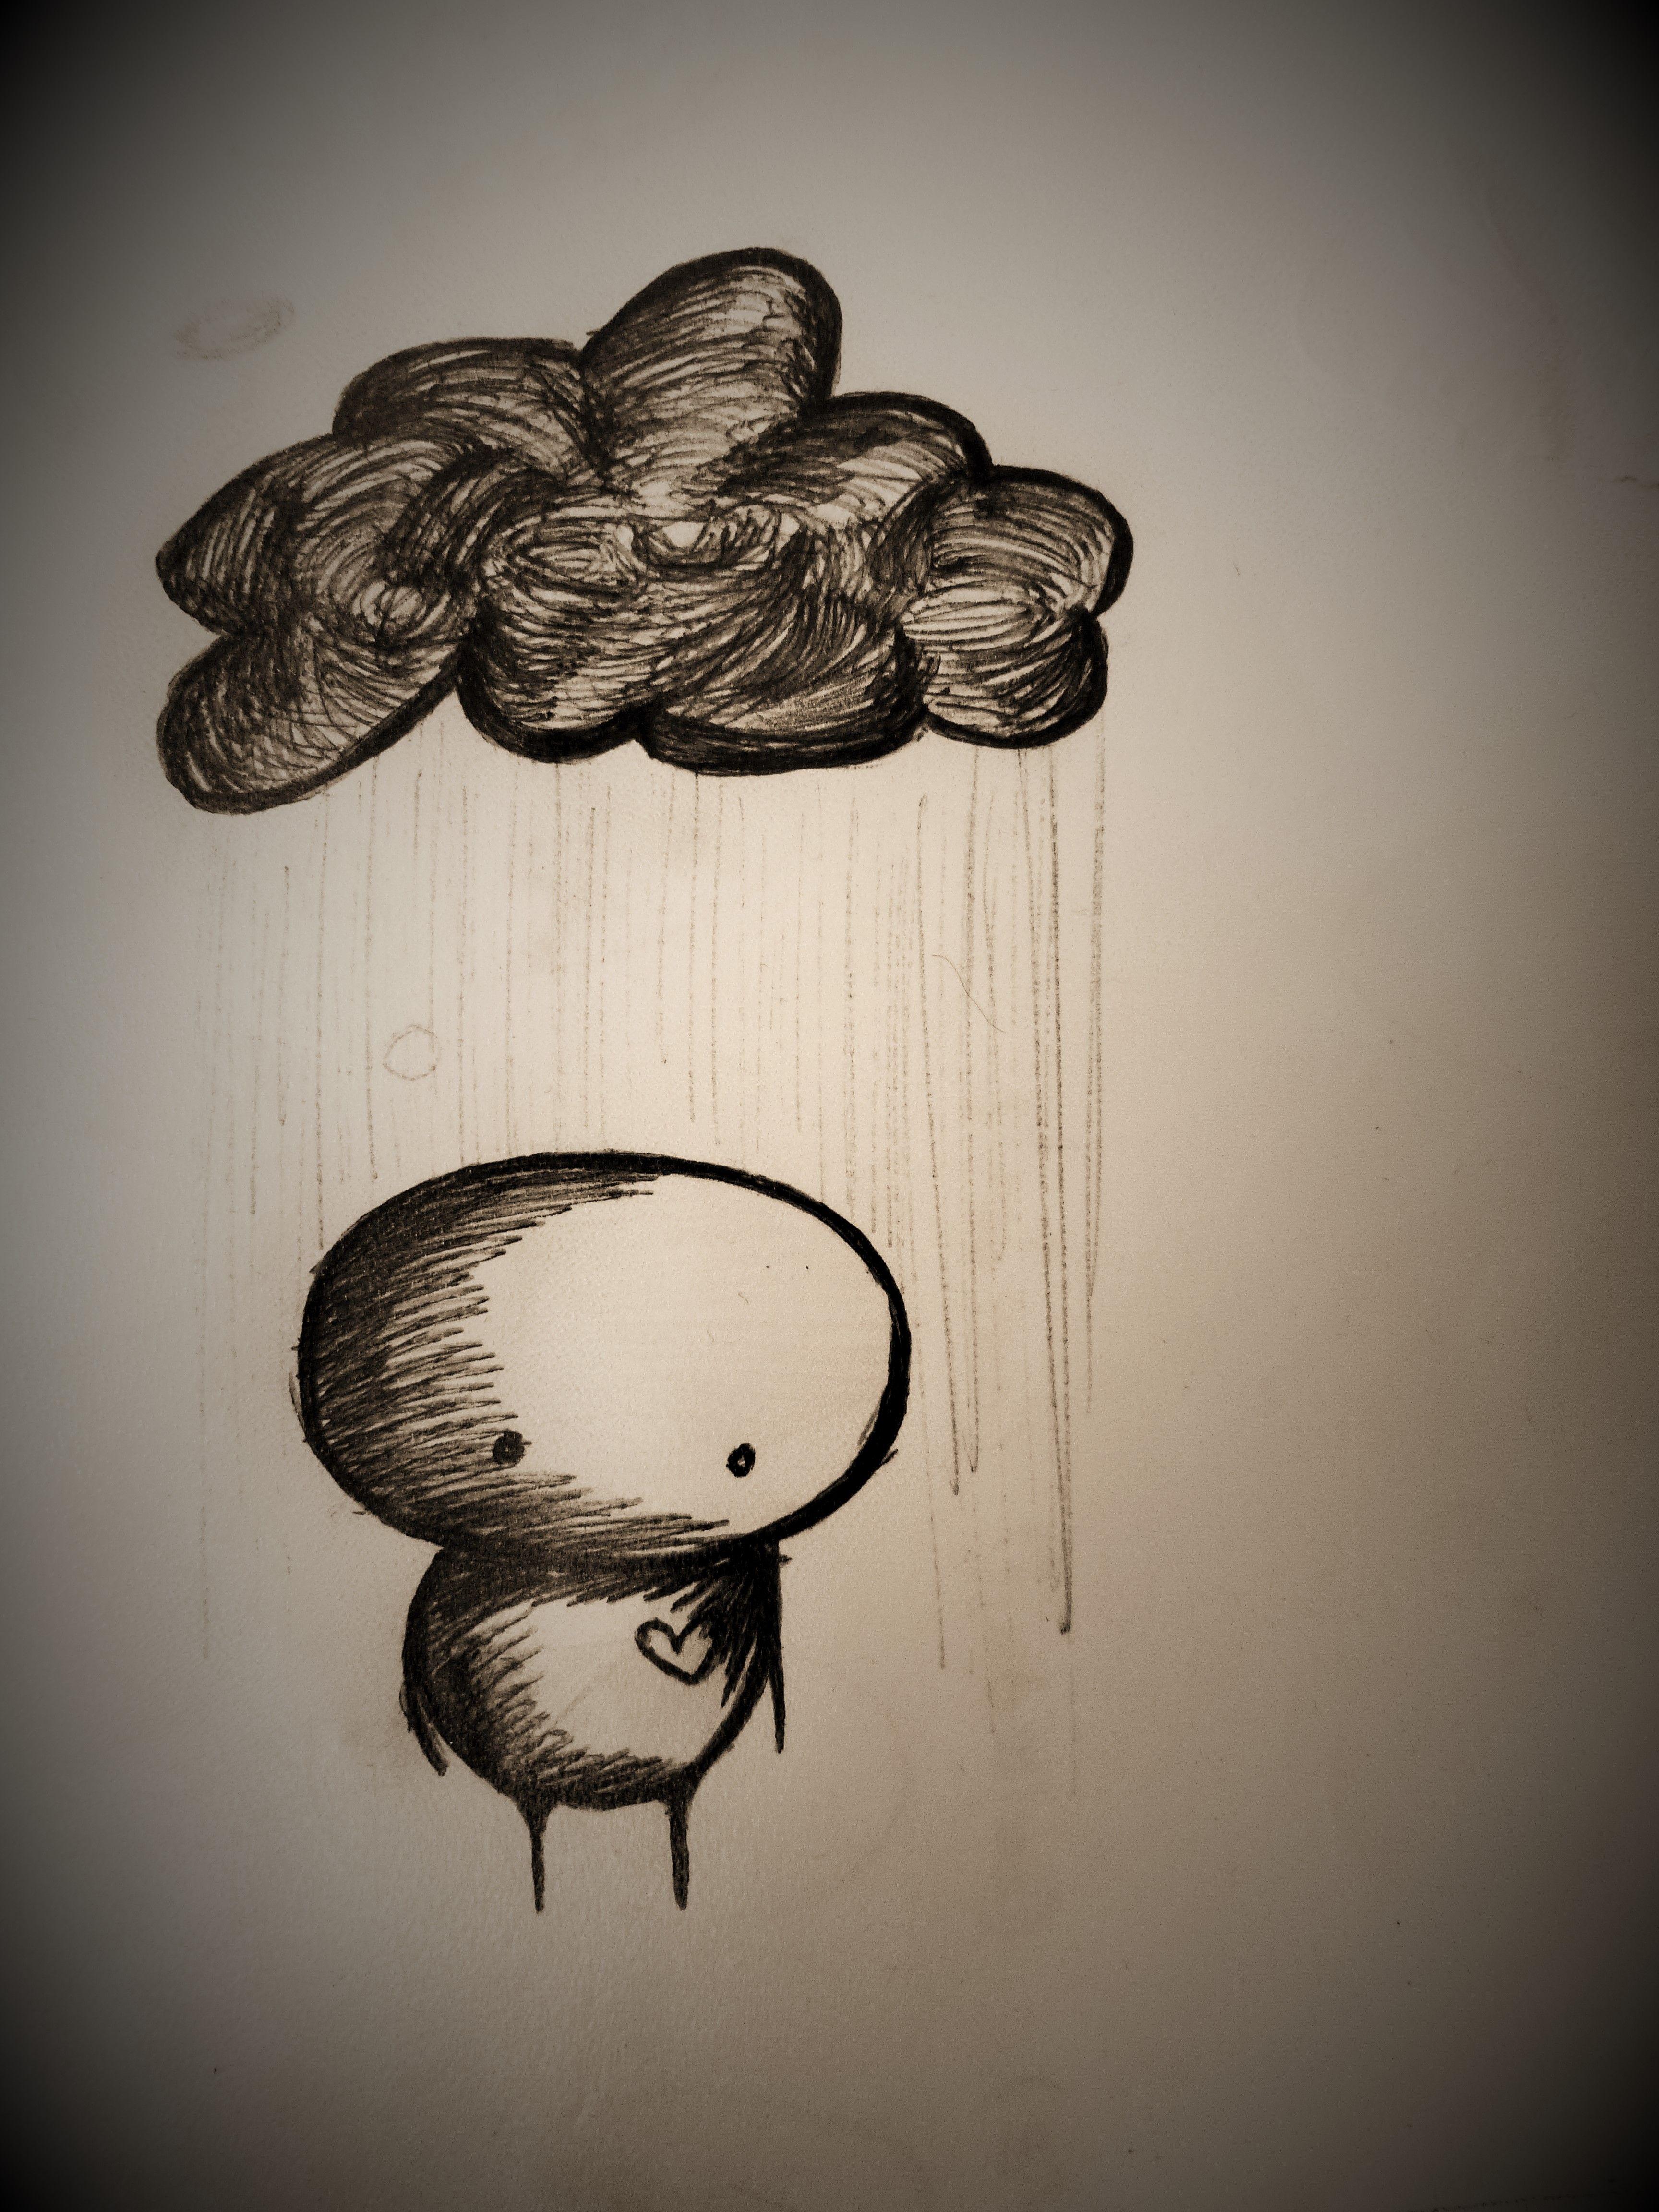 Petit homme triste art dessin pinterest homme triste petit homme et triste - Dessins triste ...